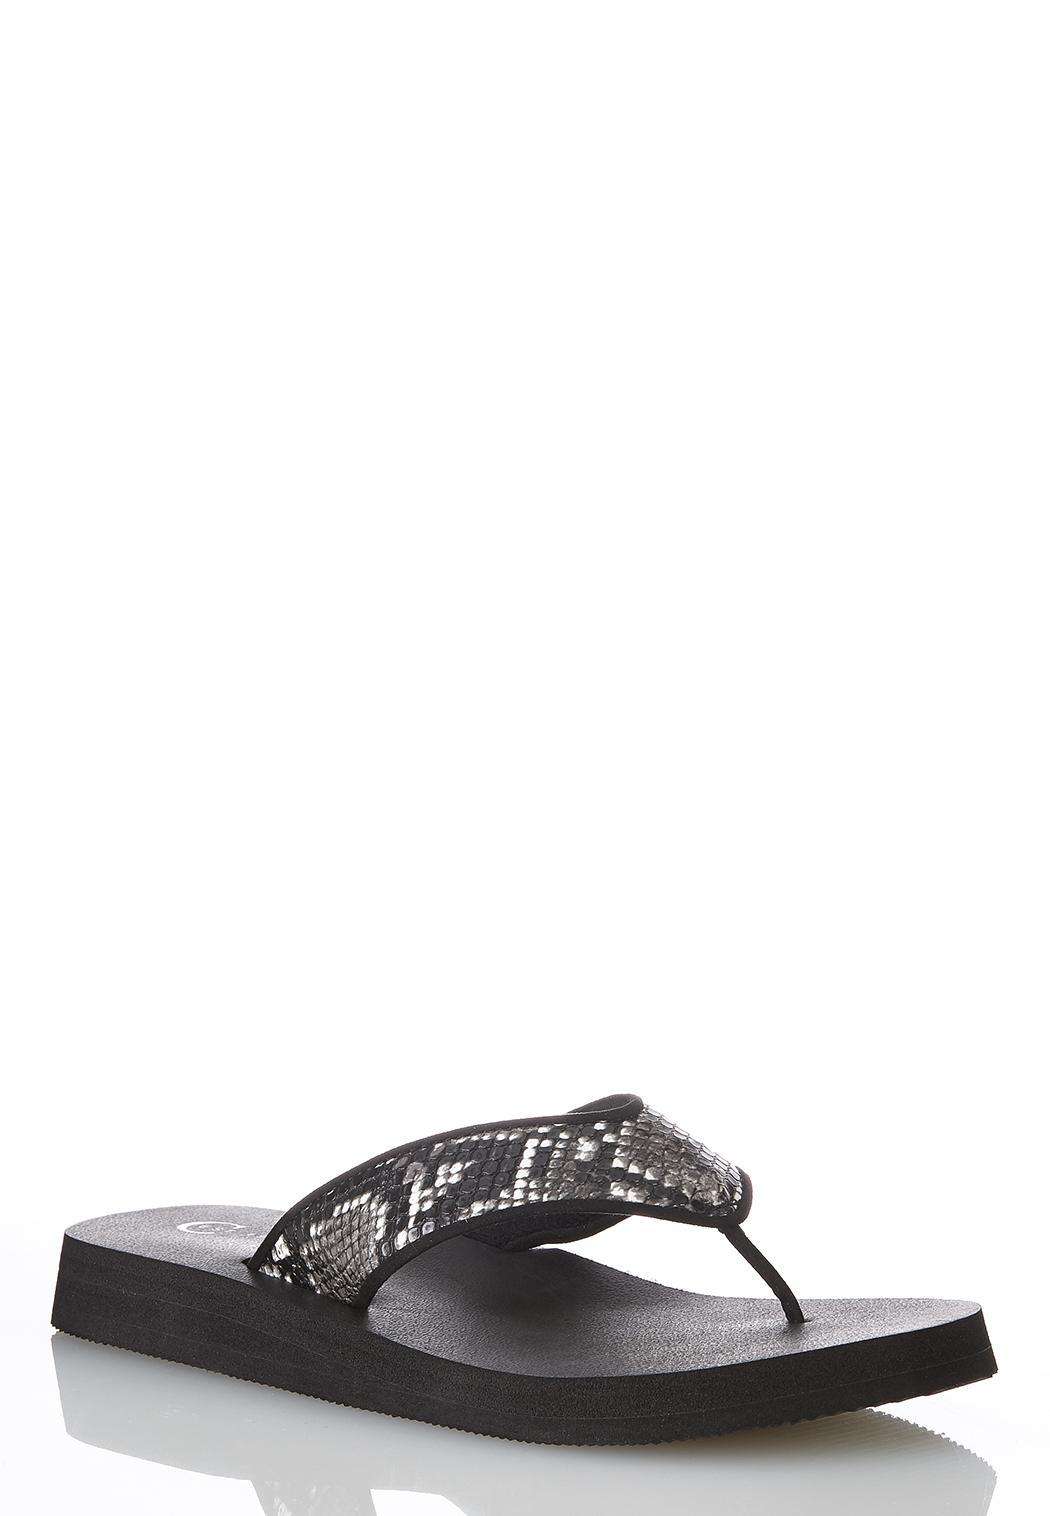 Snakeskin Platform Flip Flops